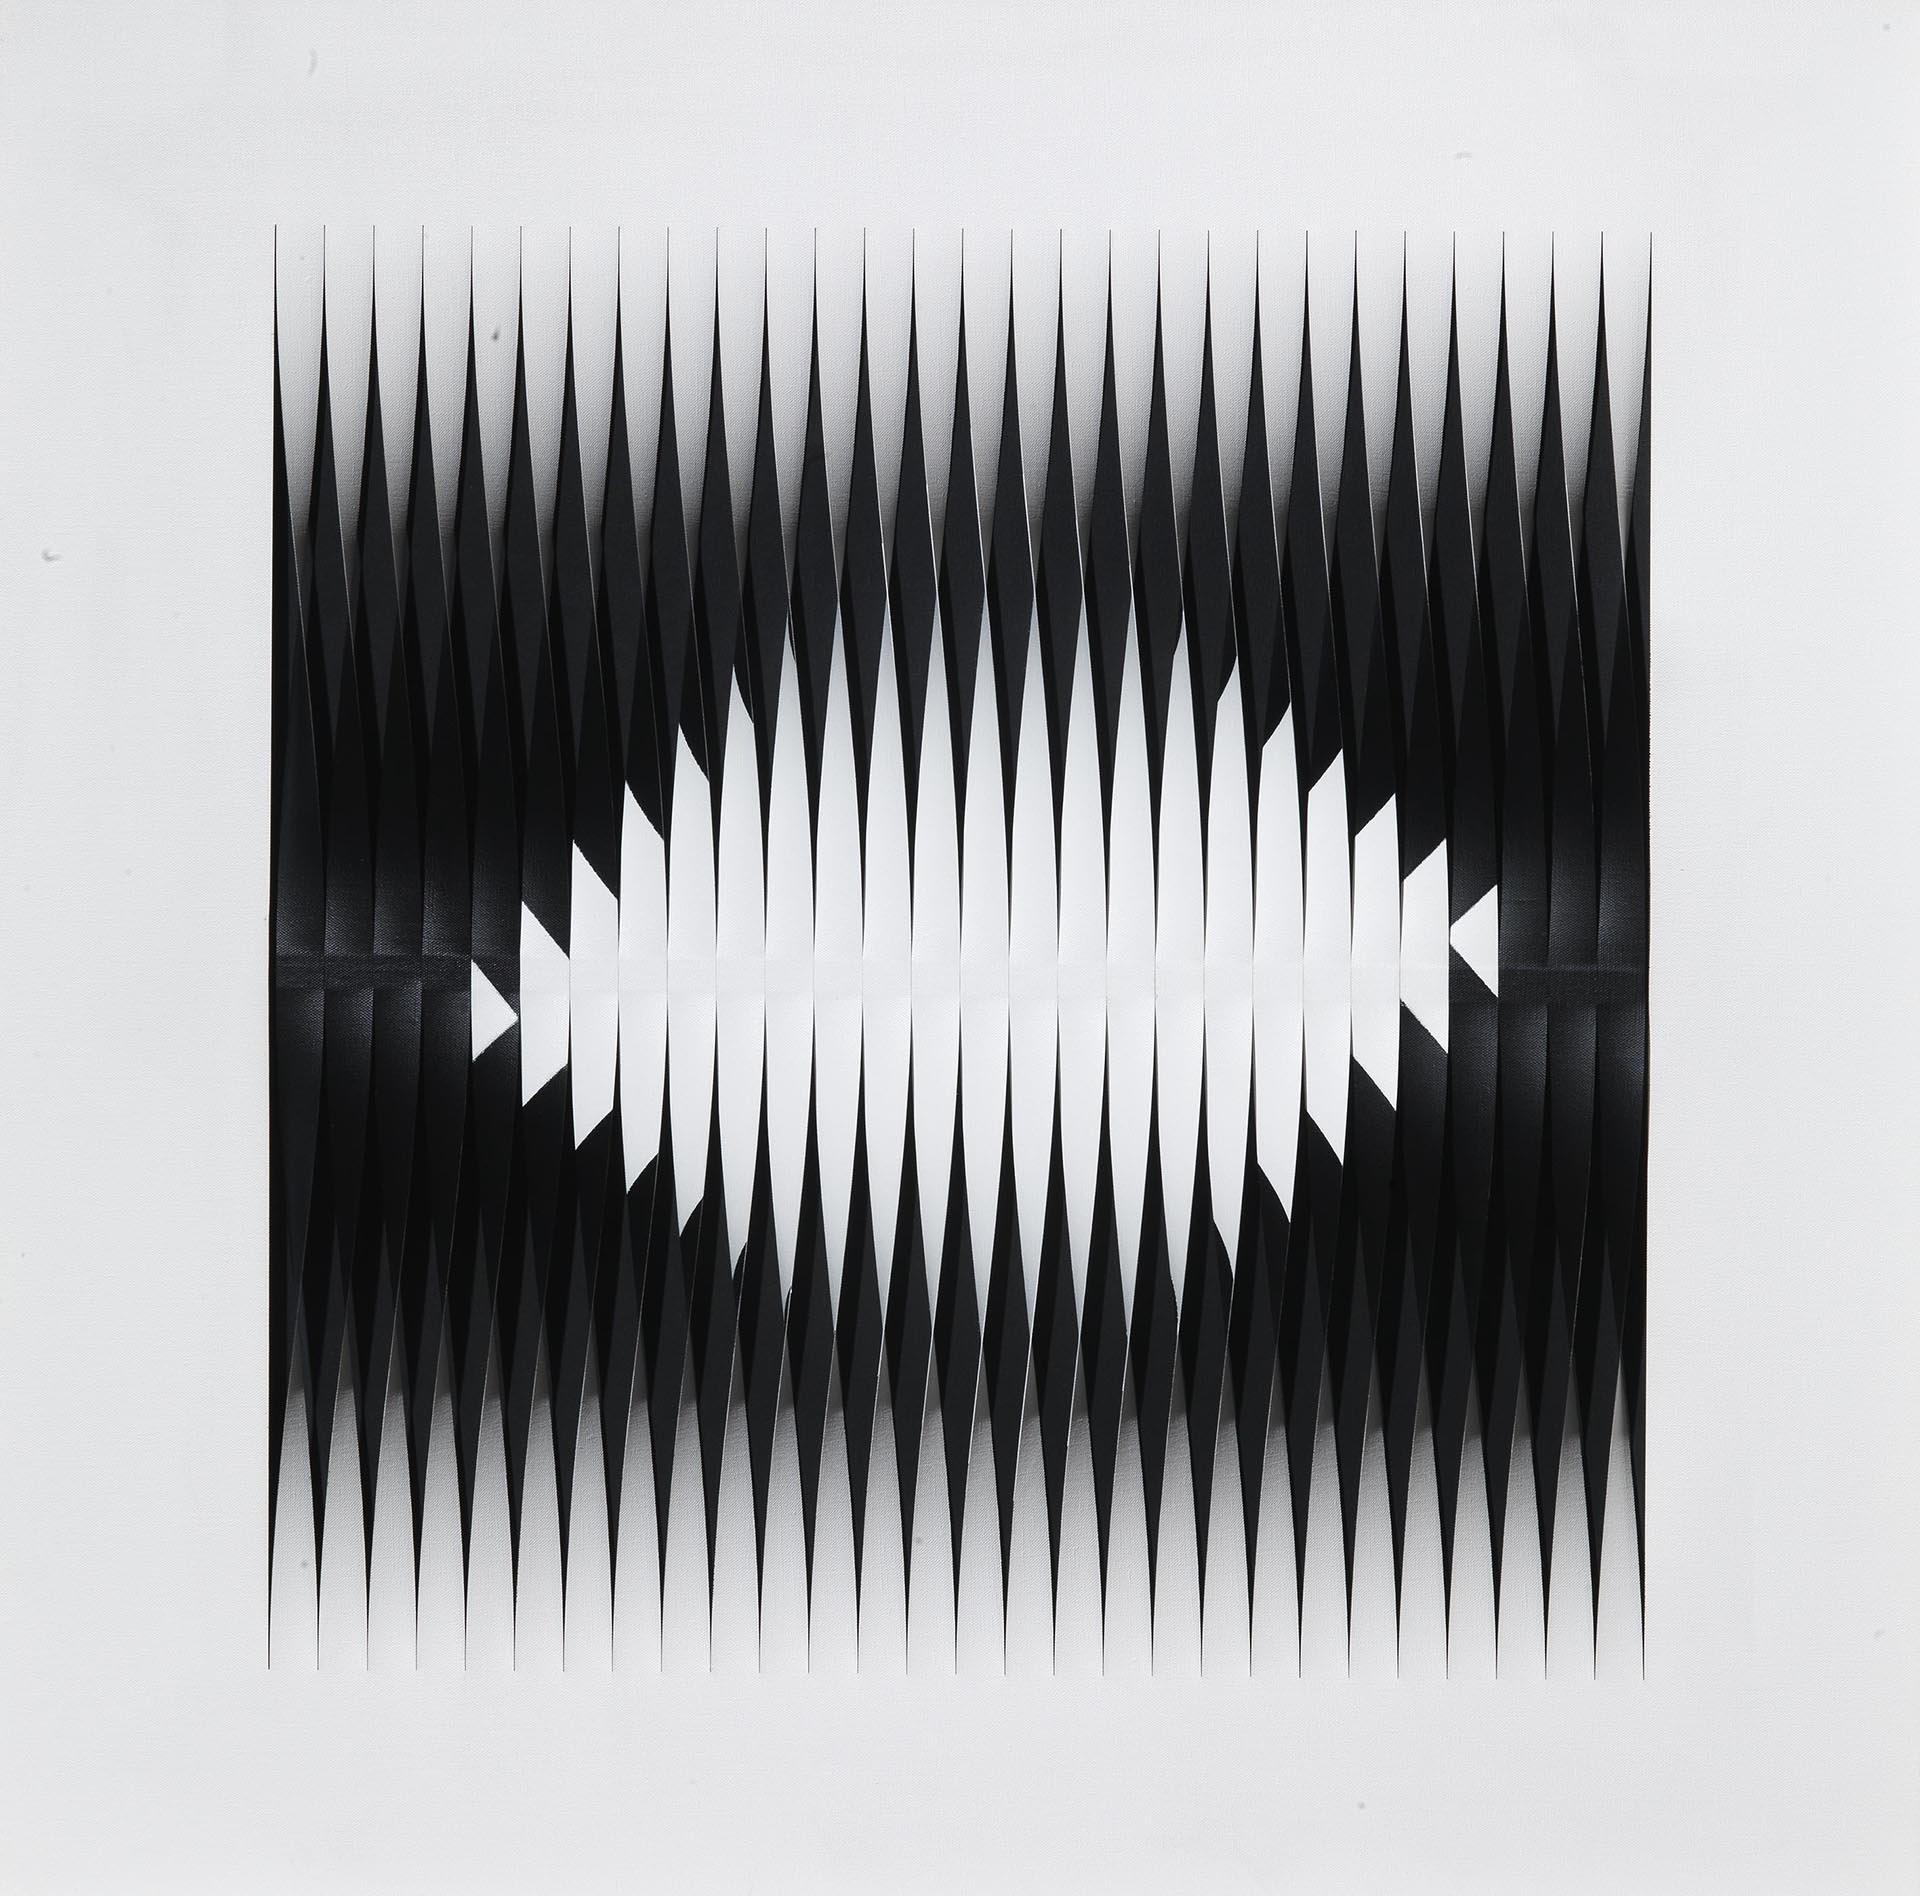 Biasi, Ecco come cambia, 2011, 100x100 cm